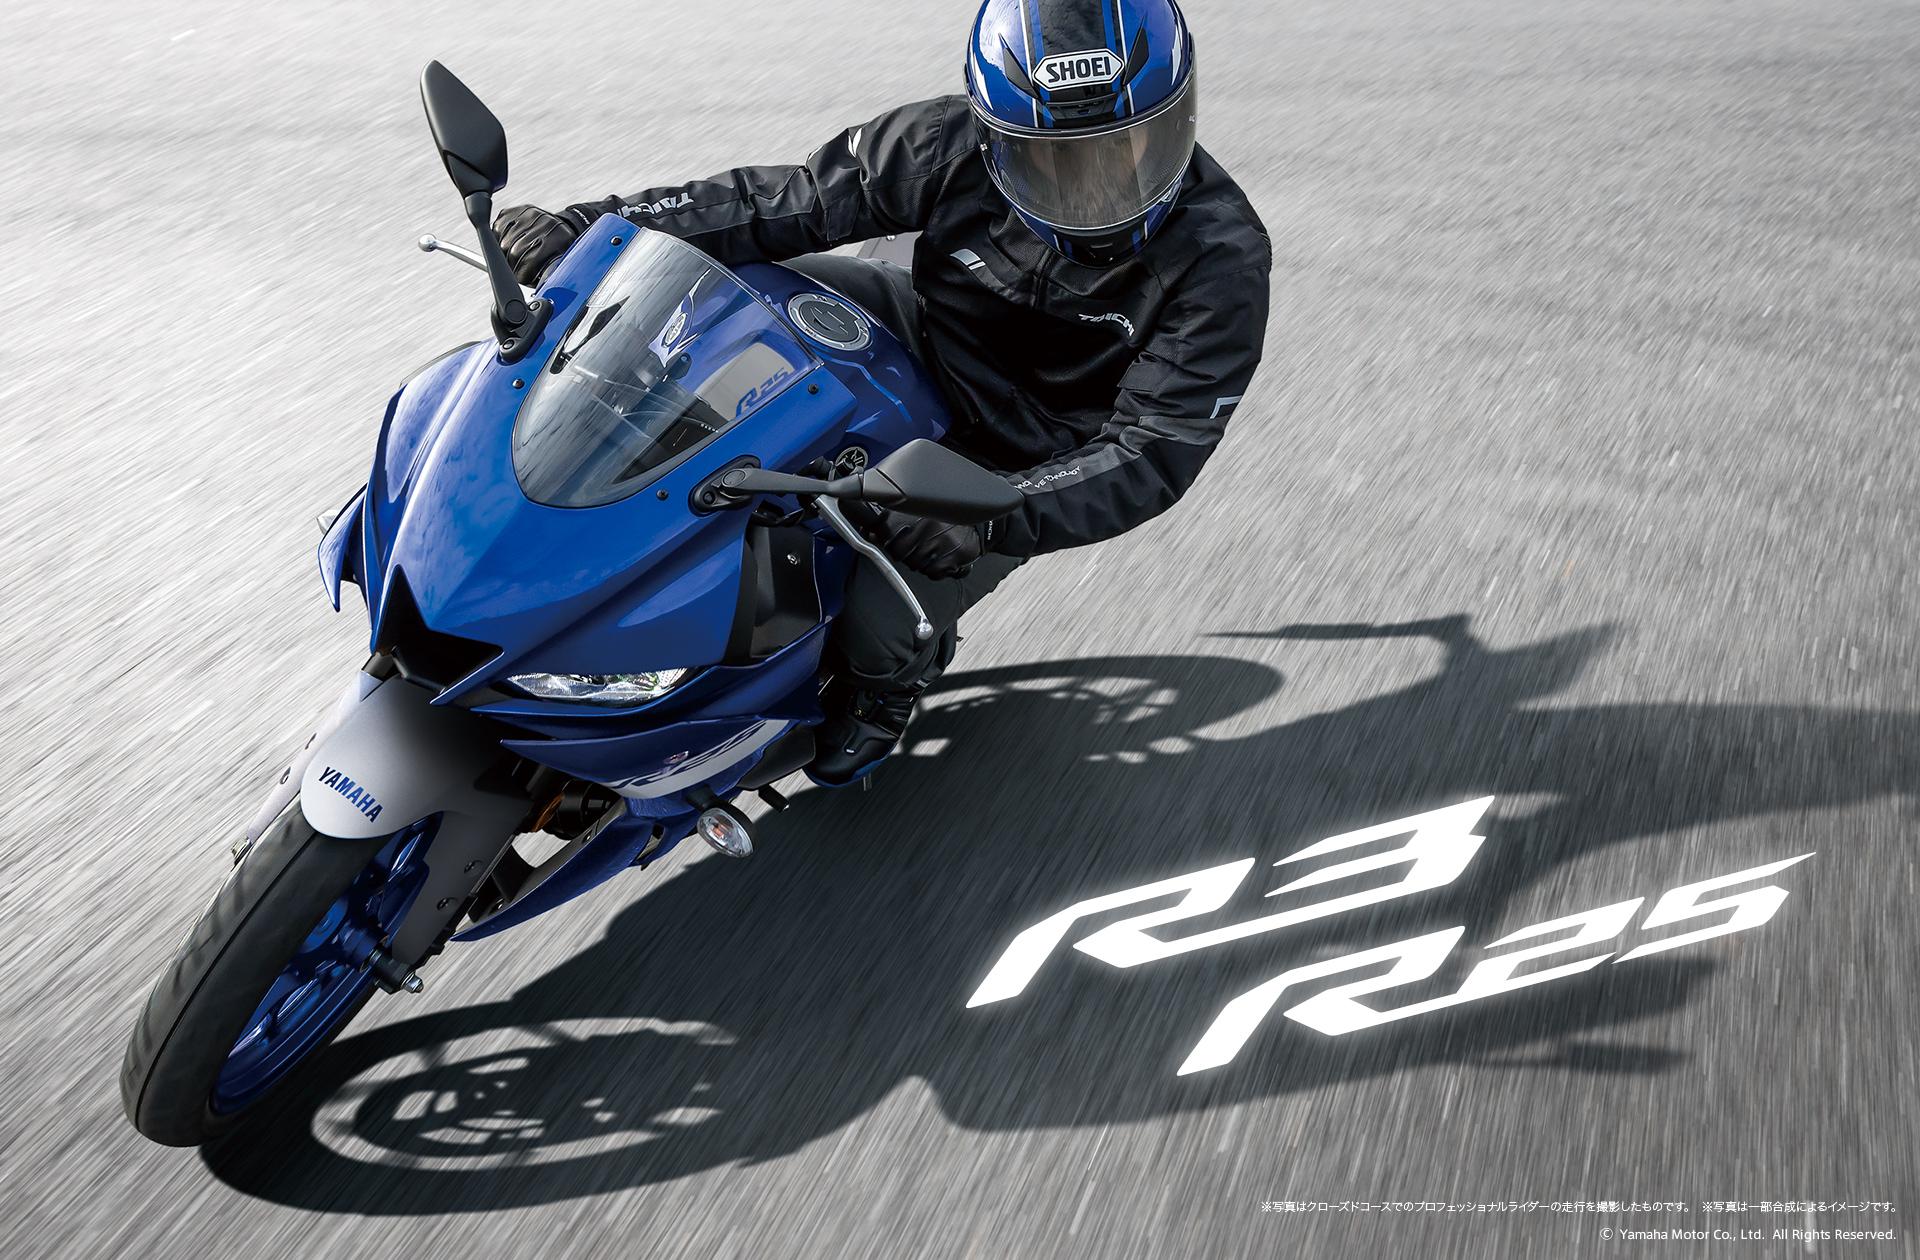 フォトライブラリー Yzf R3 Yzf R25 バイク スクーター ヤマハ発動機